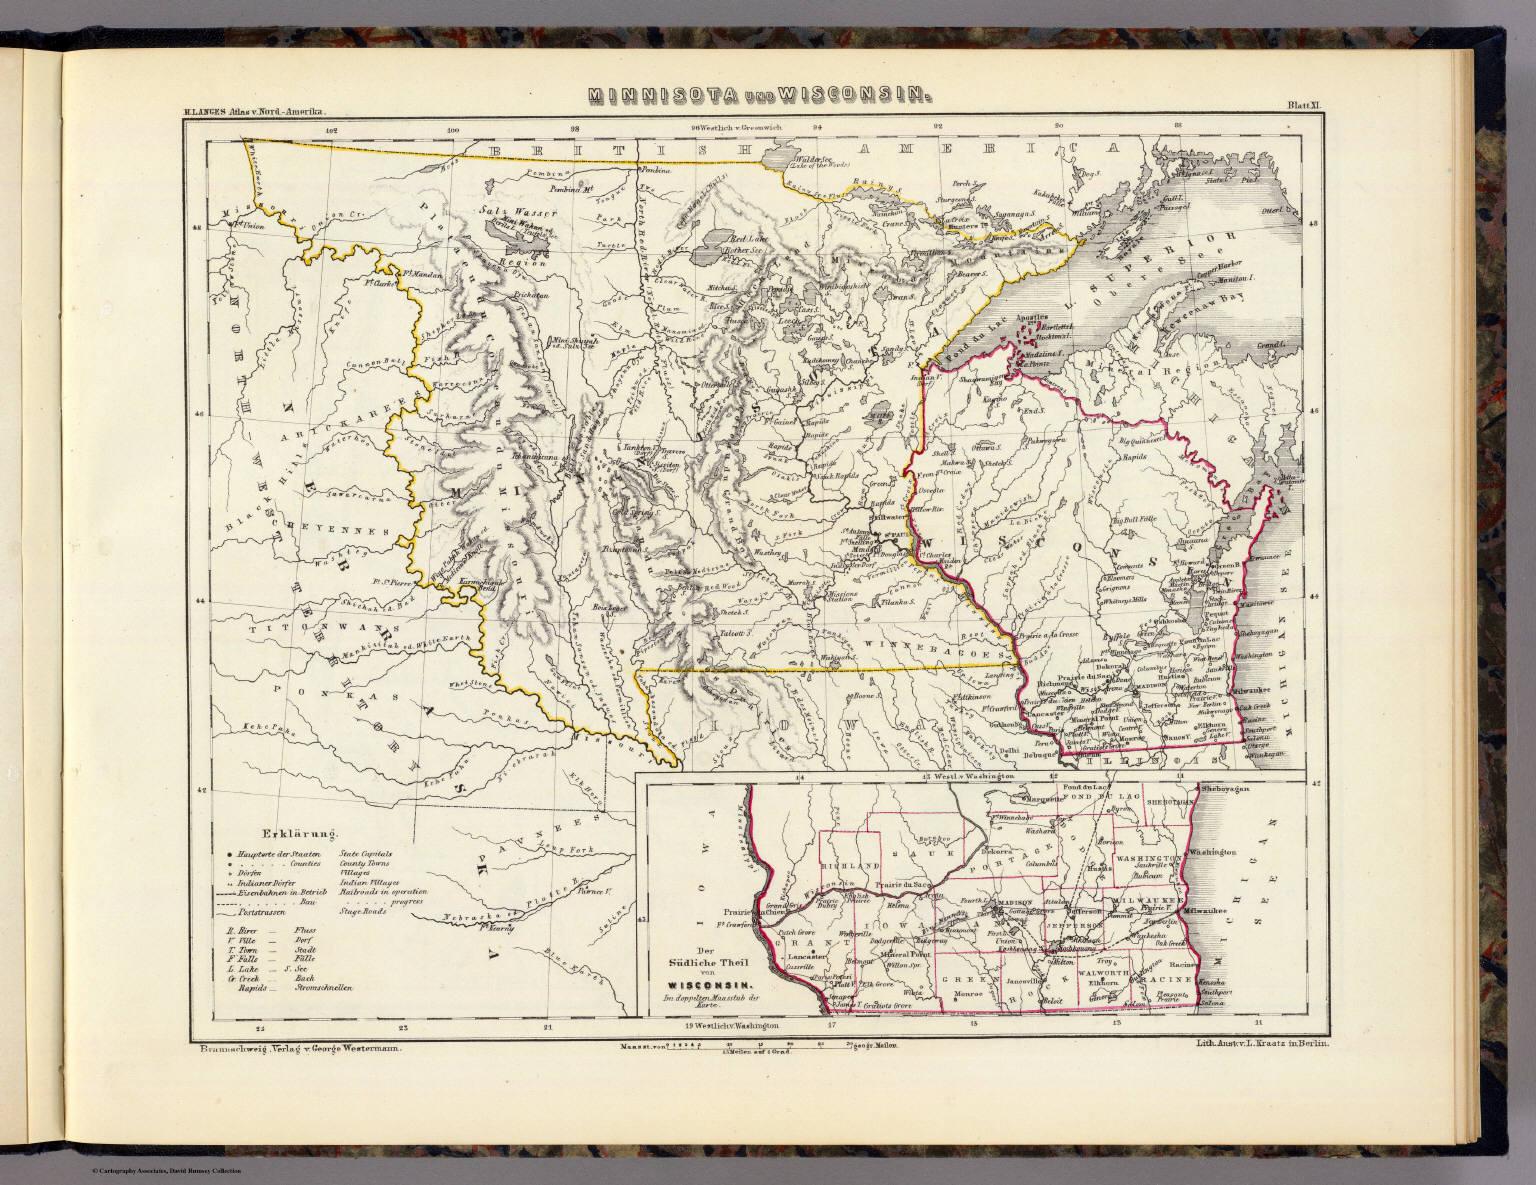 Minnisota und Wisconsin.